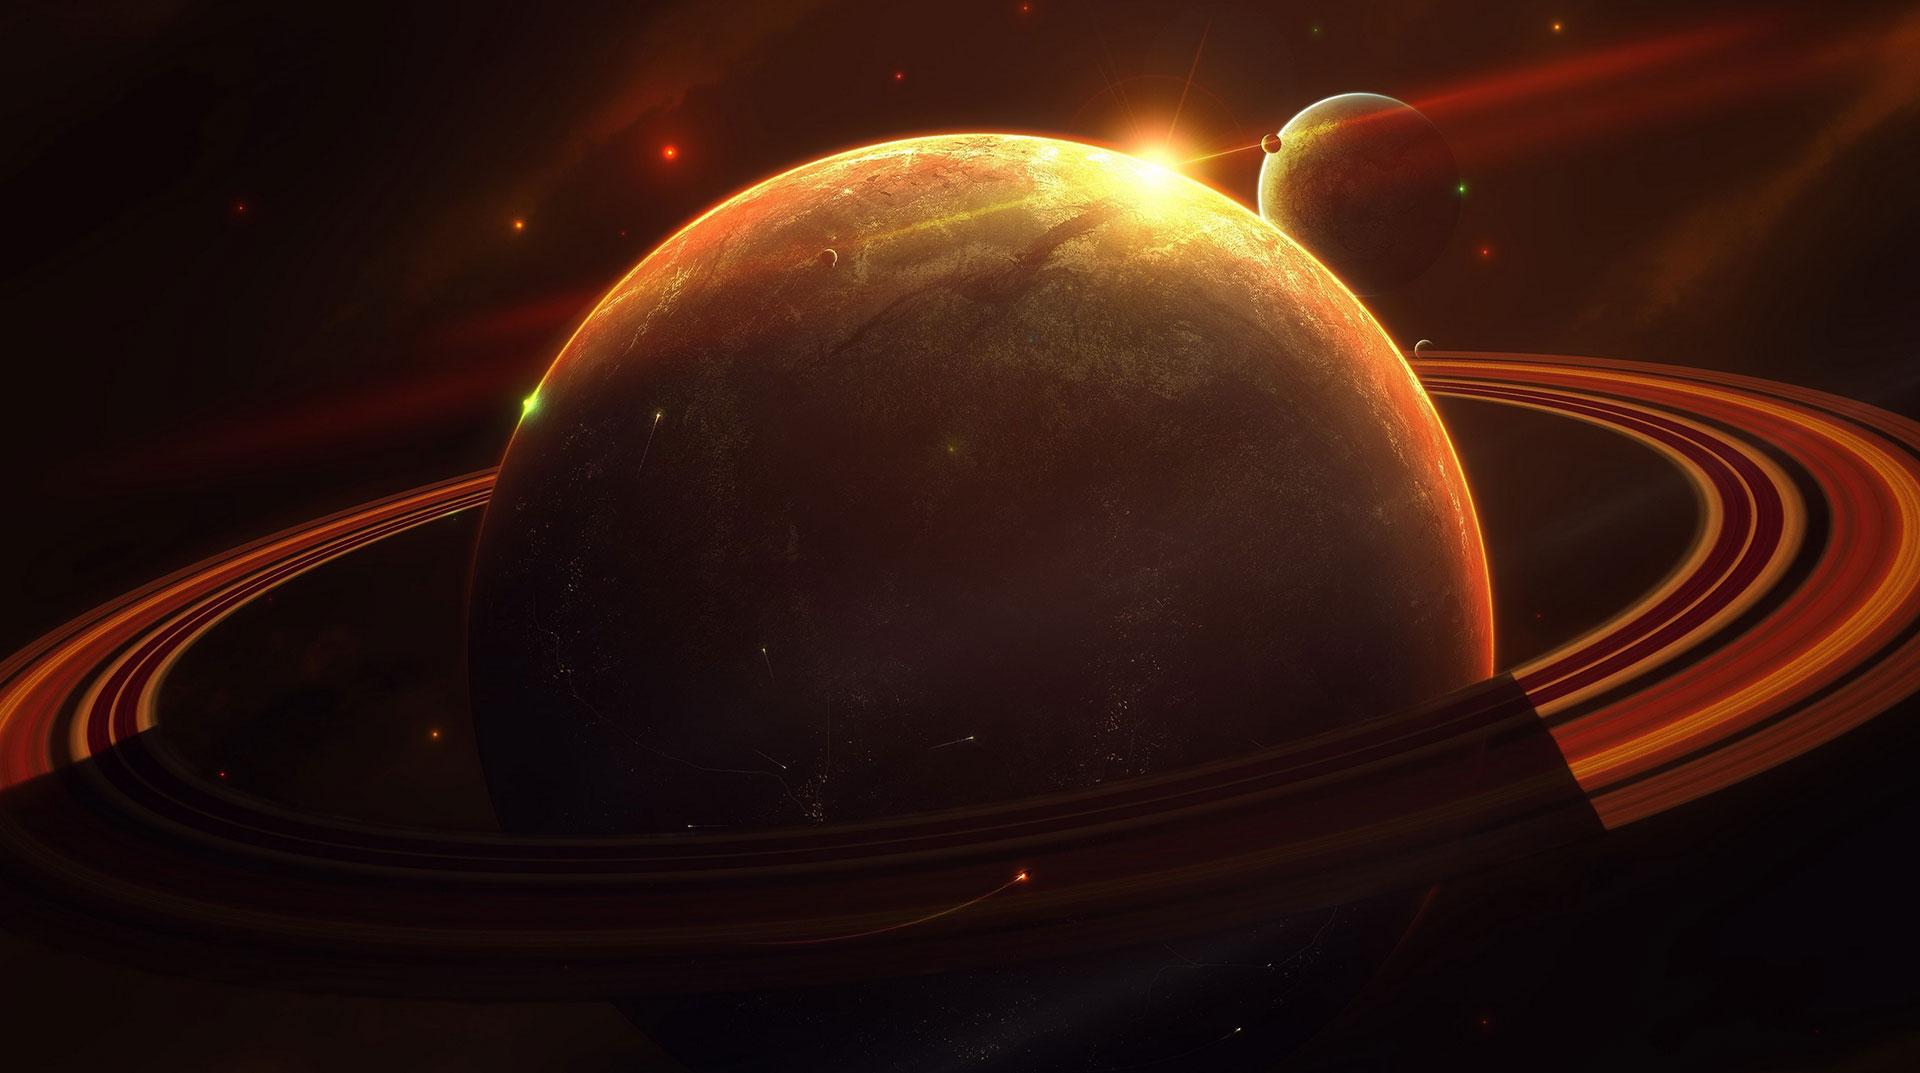 Halkalı Gezegen Ünvanı Artık Satürn'e Ait